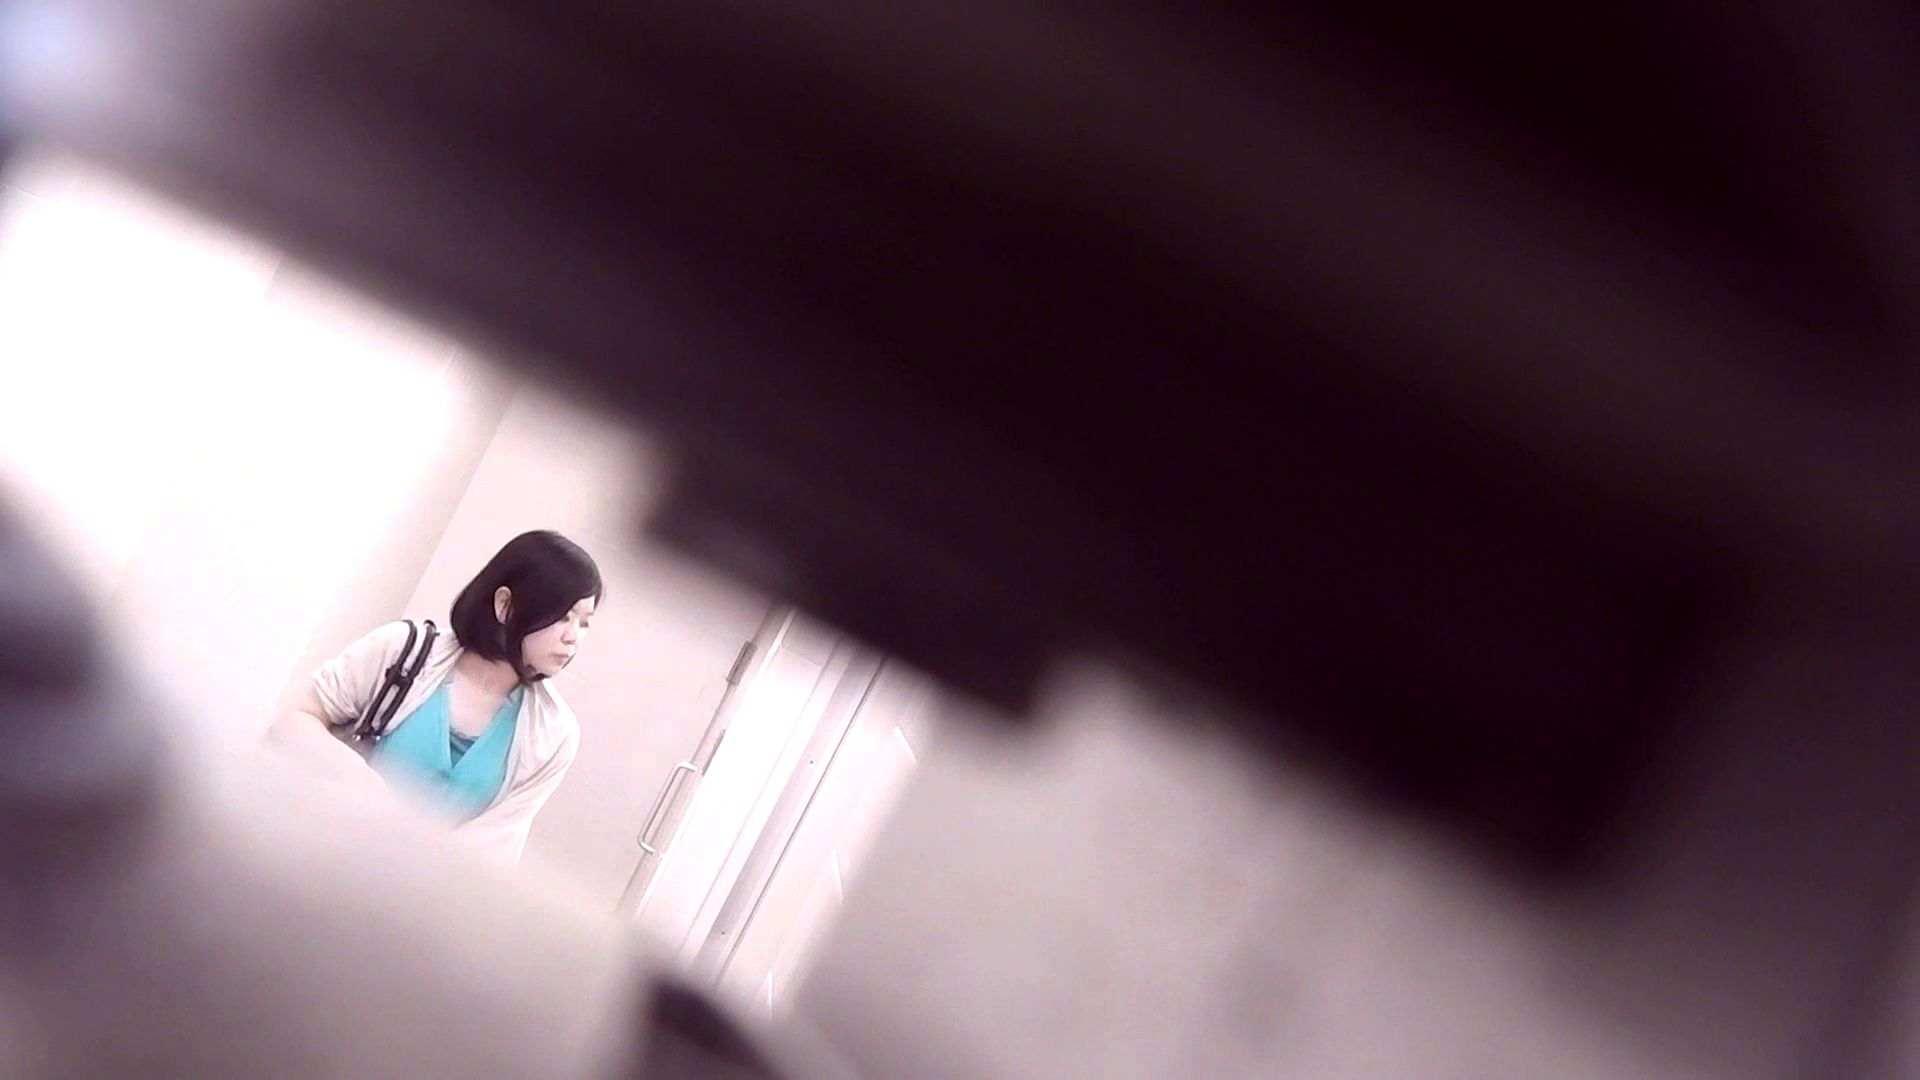 vol.16 命がけ潜伏洗面所! 美女たっぷり!! 洗面所   OLすけべ画像  90連発 46